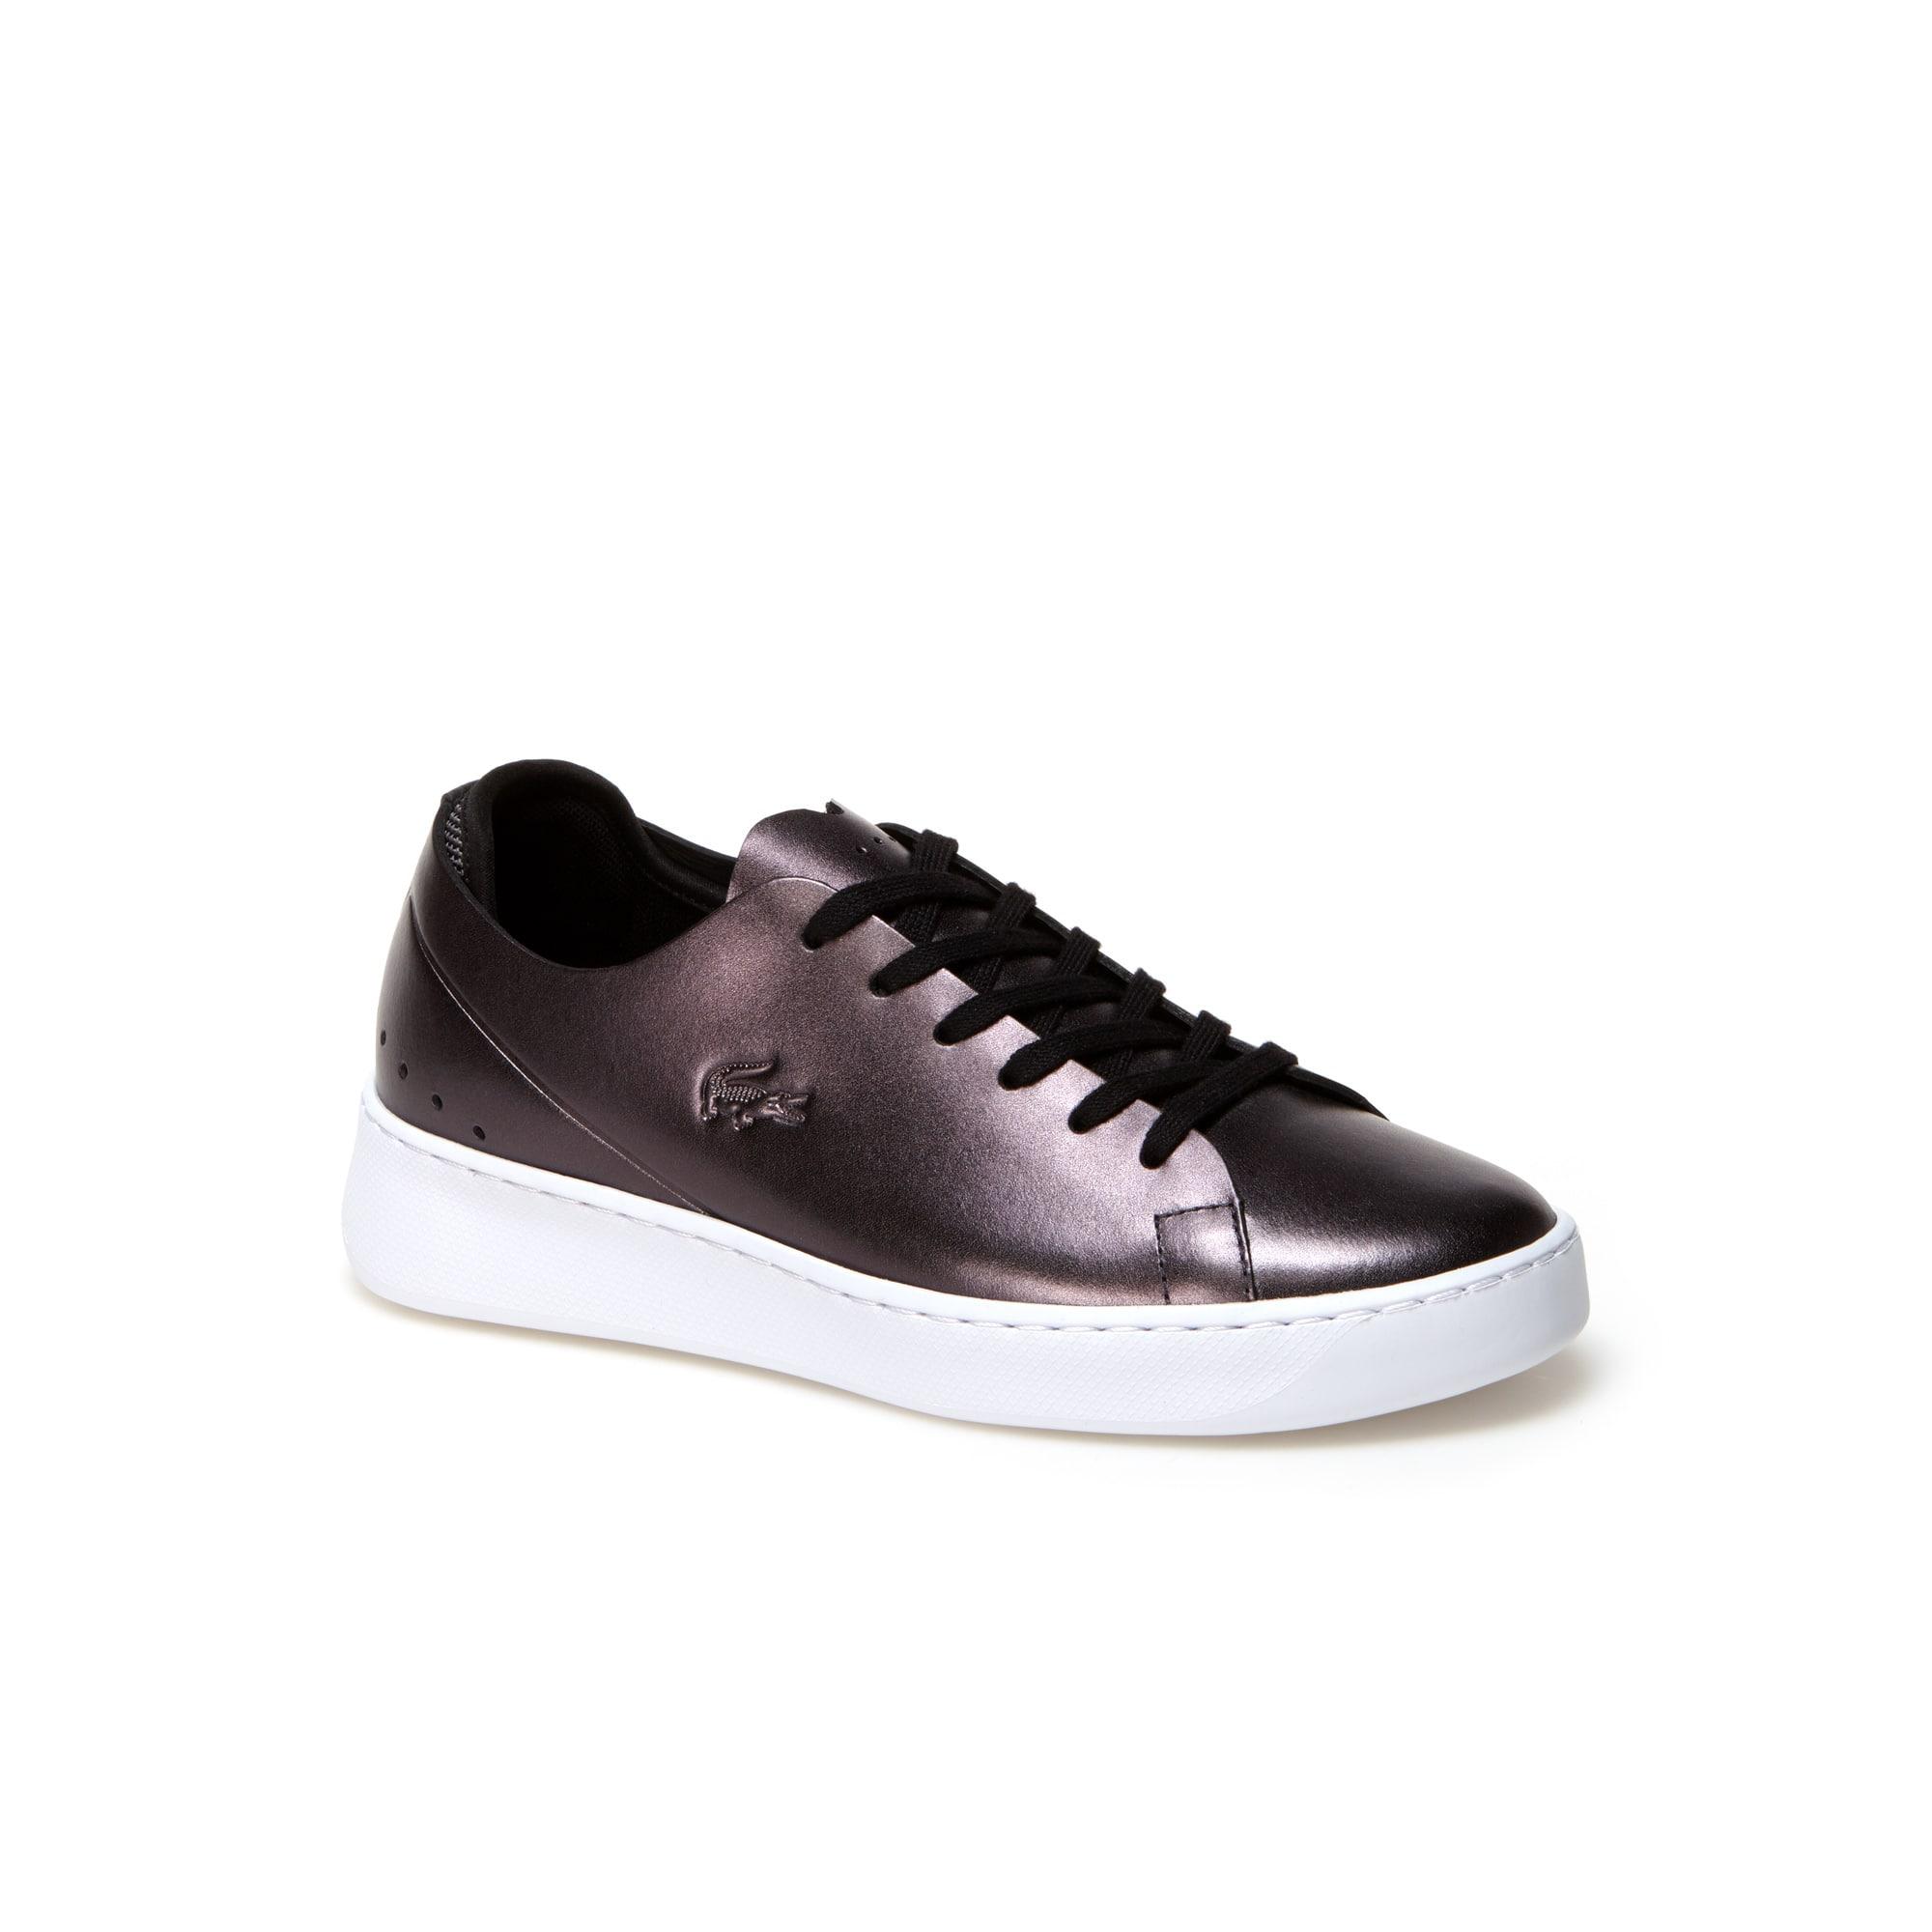 Sneakers Eyyla en cuir